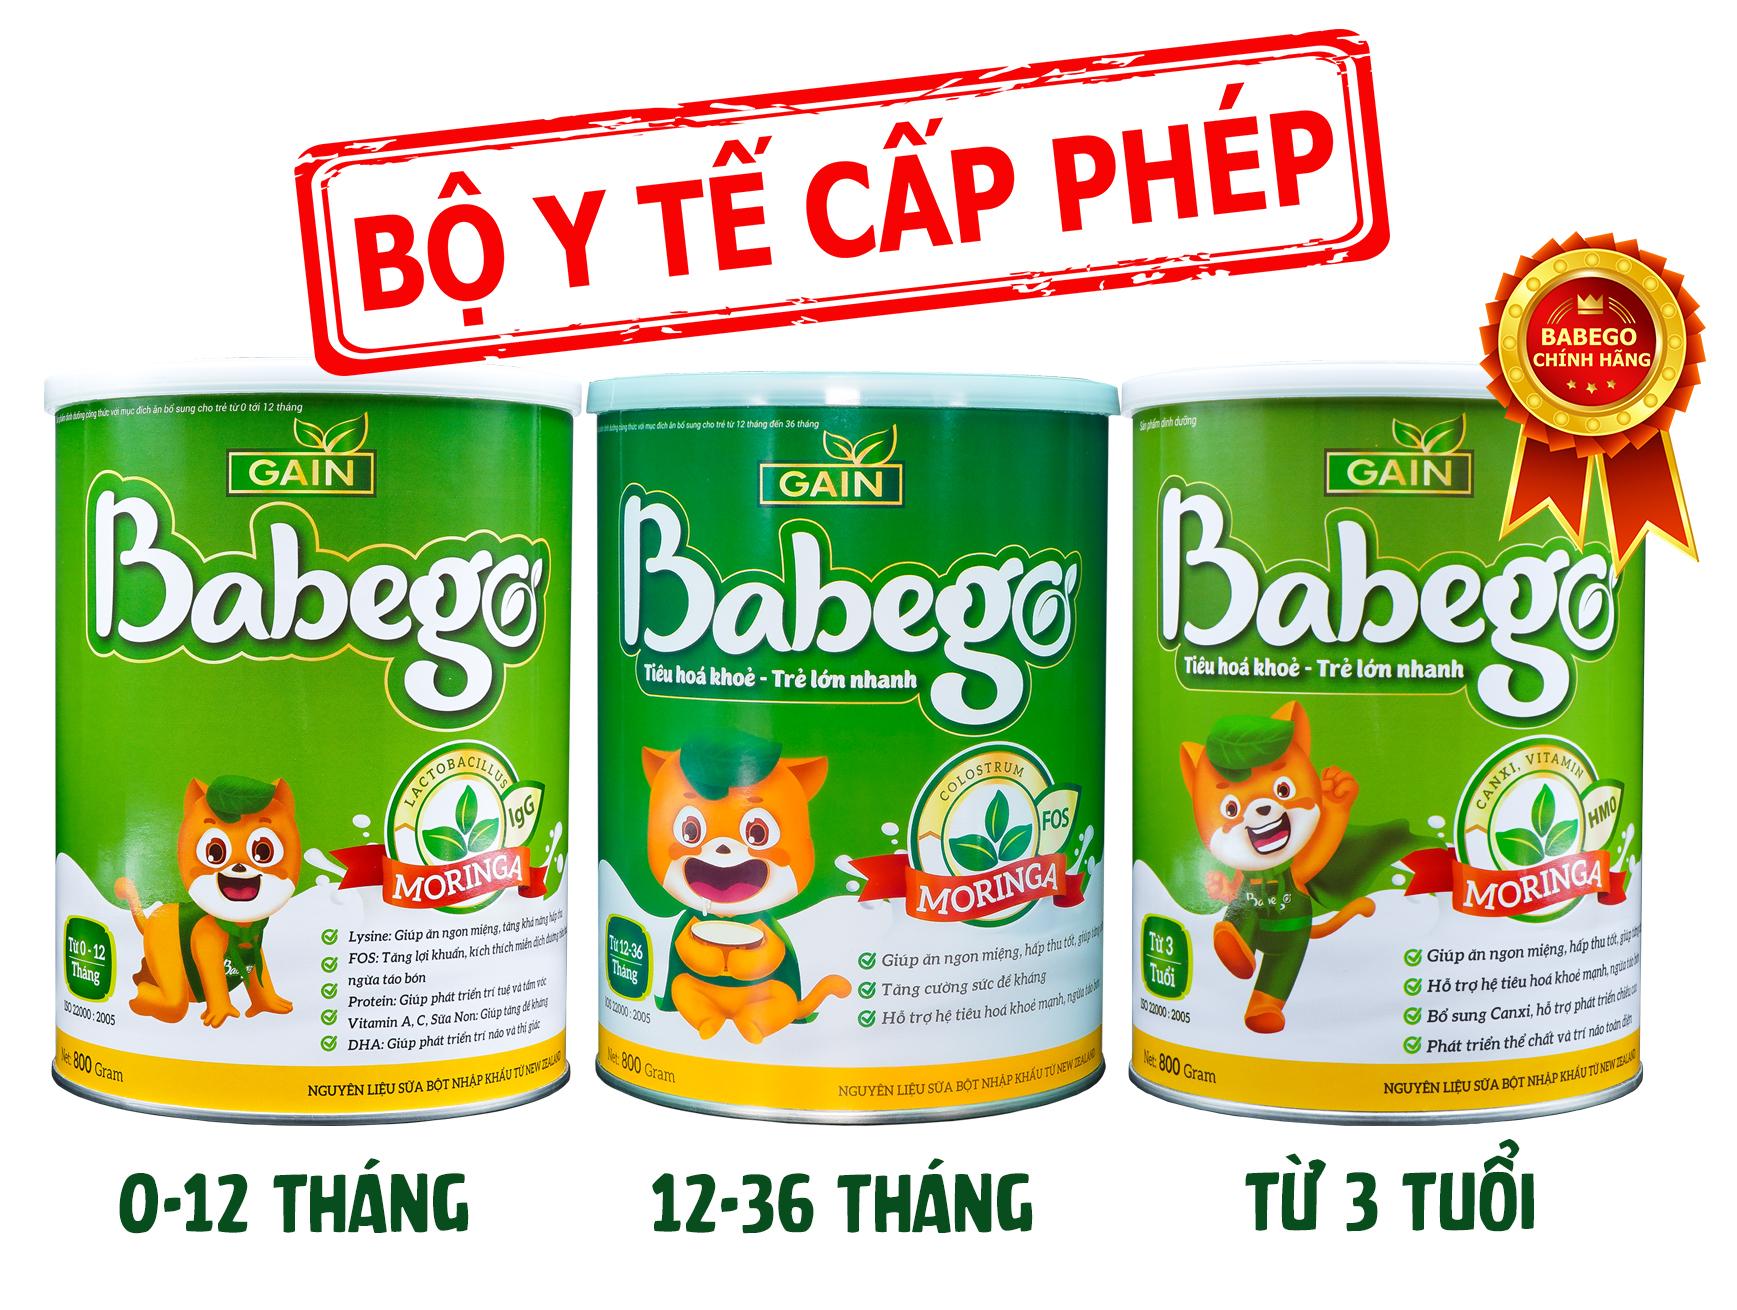 Sữa Babego cải thiện tình trạng biếng ăn cho trẻ 3 tháng tuổi